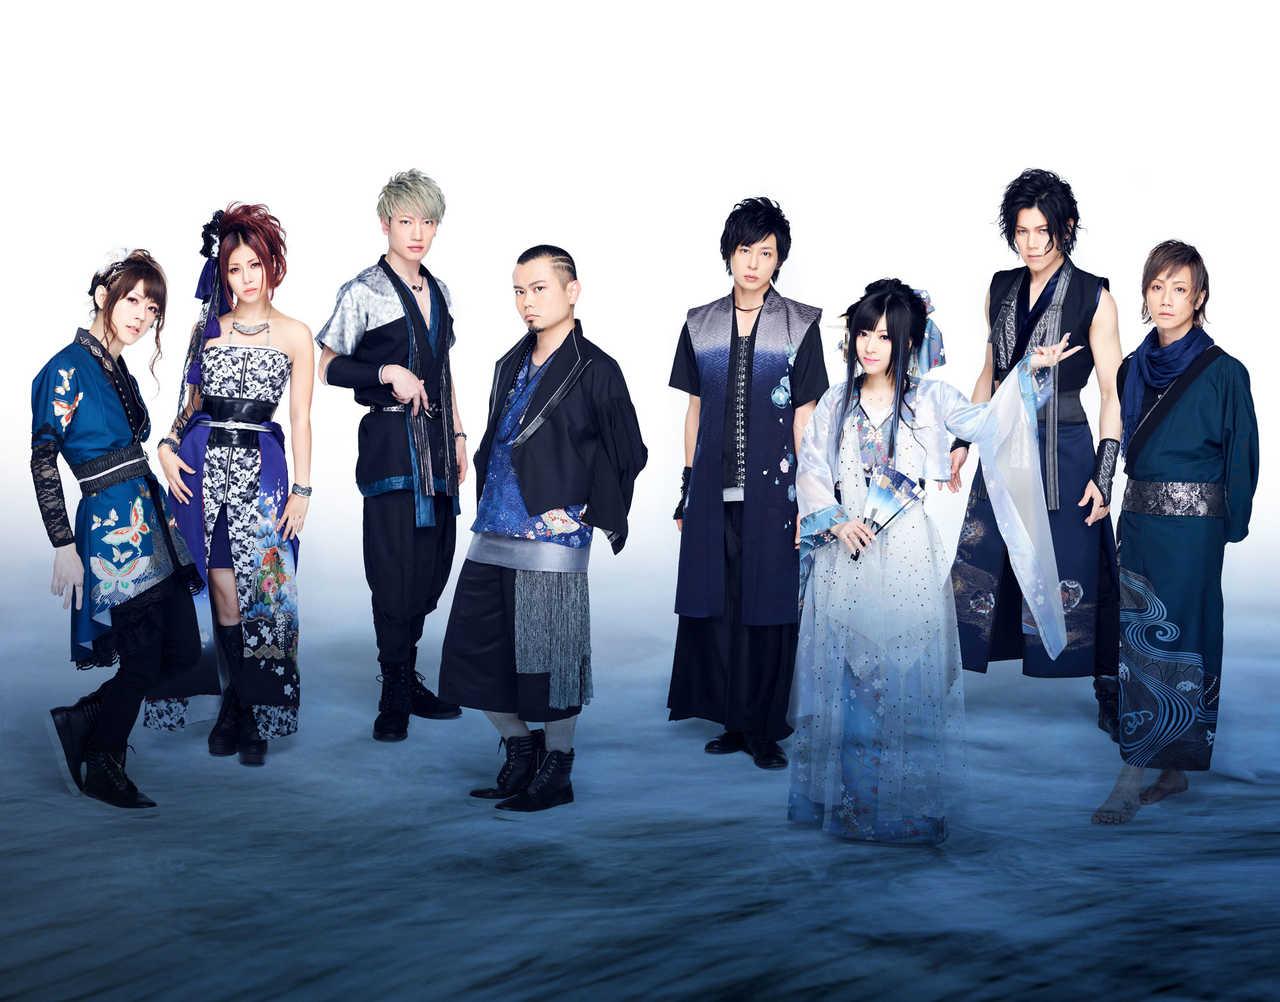 和楽器バンド、新作歌舞伎『NARUTO-ナルト-』に楽曲提供決定!